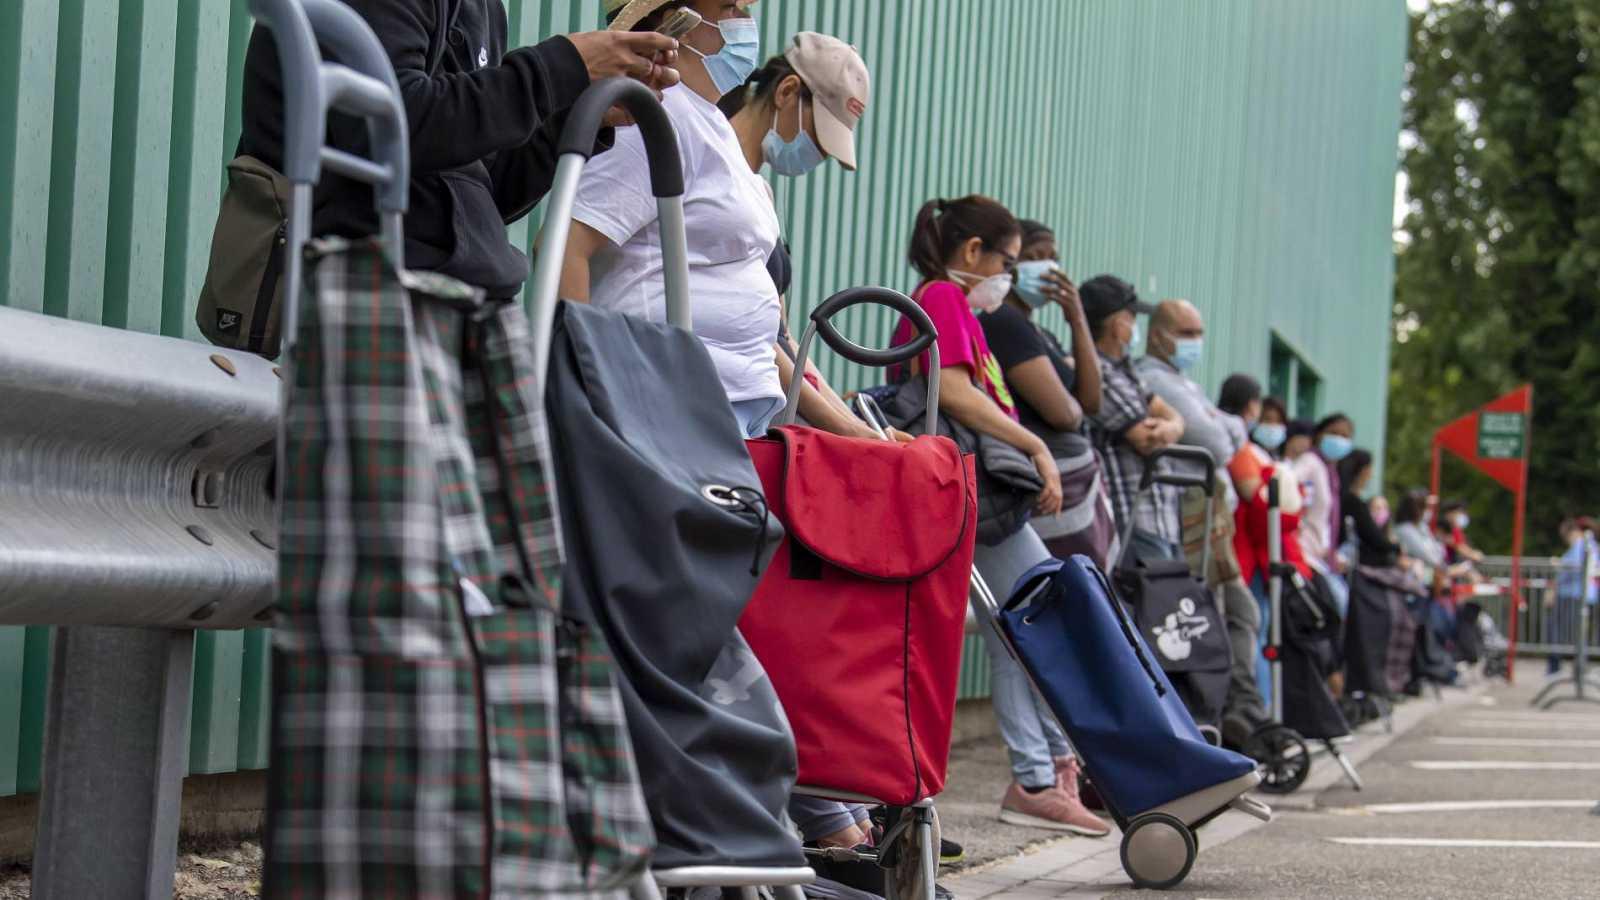 El Gobierno acuerda agilizar los trámites del ingreso mínimo vital ante las trabas y retrasos sufridos